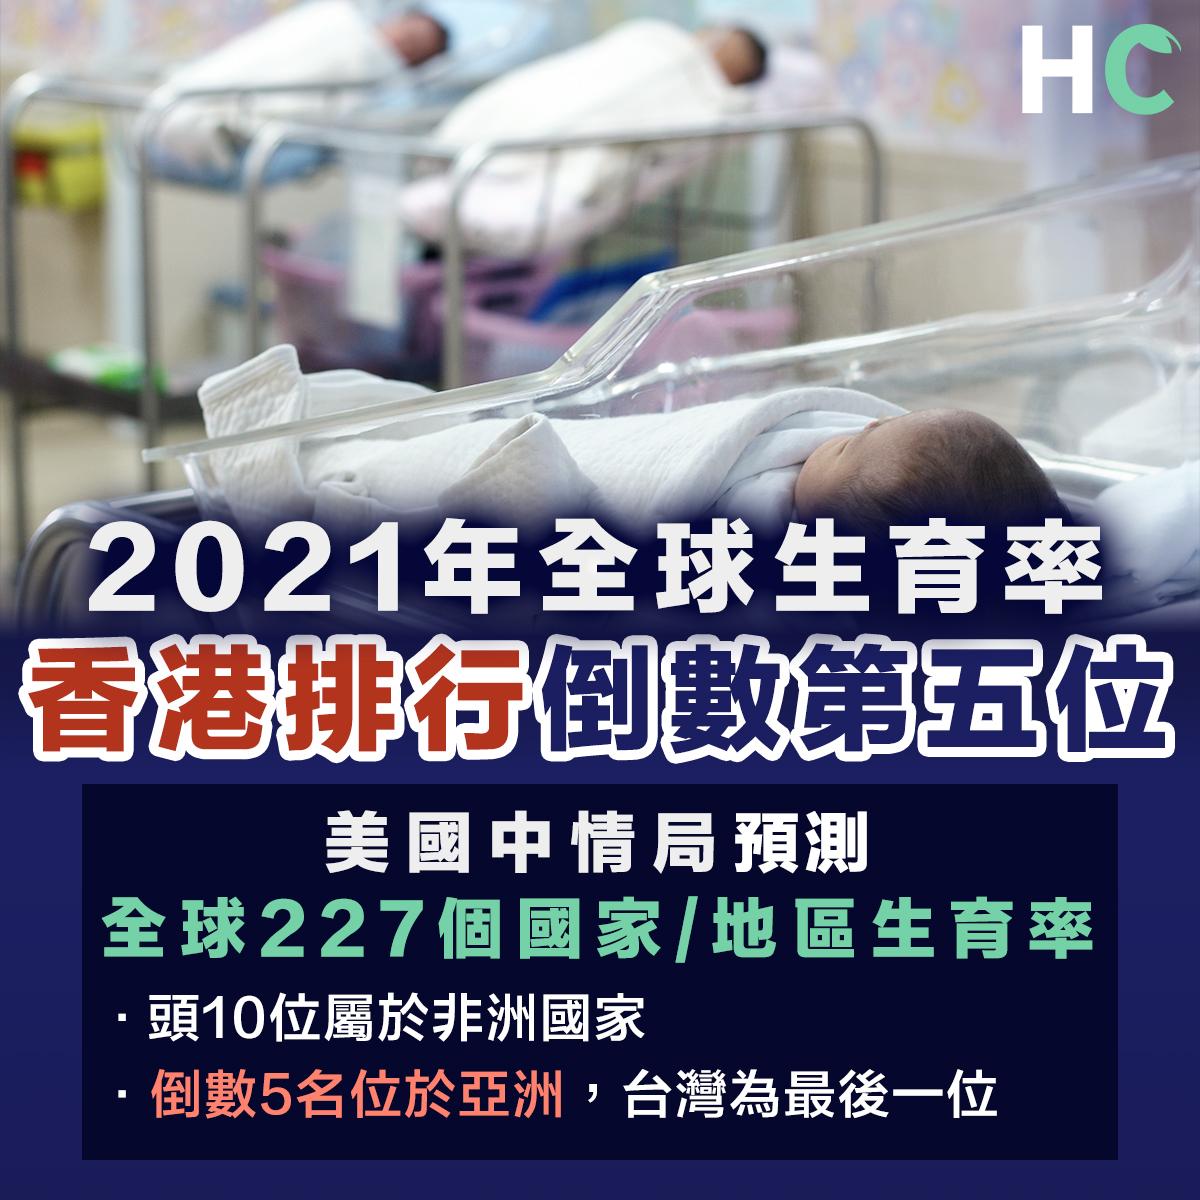 2021年全球生育率預測數據 香港位列尾五